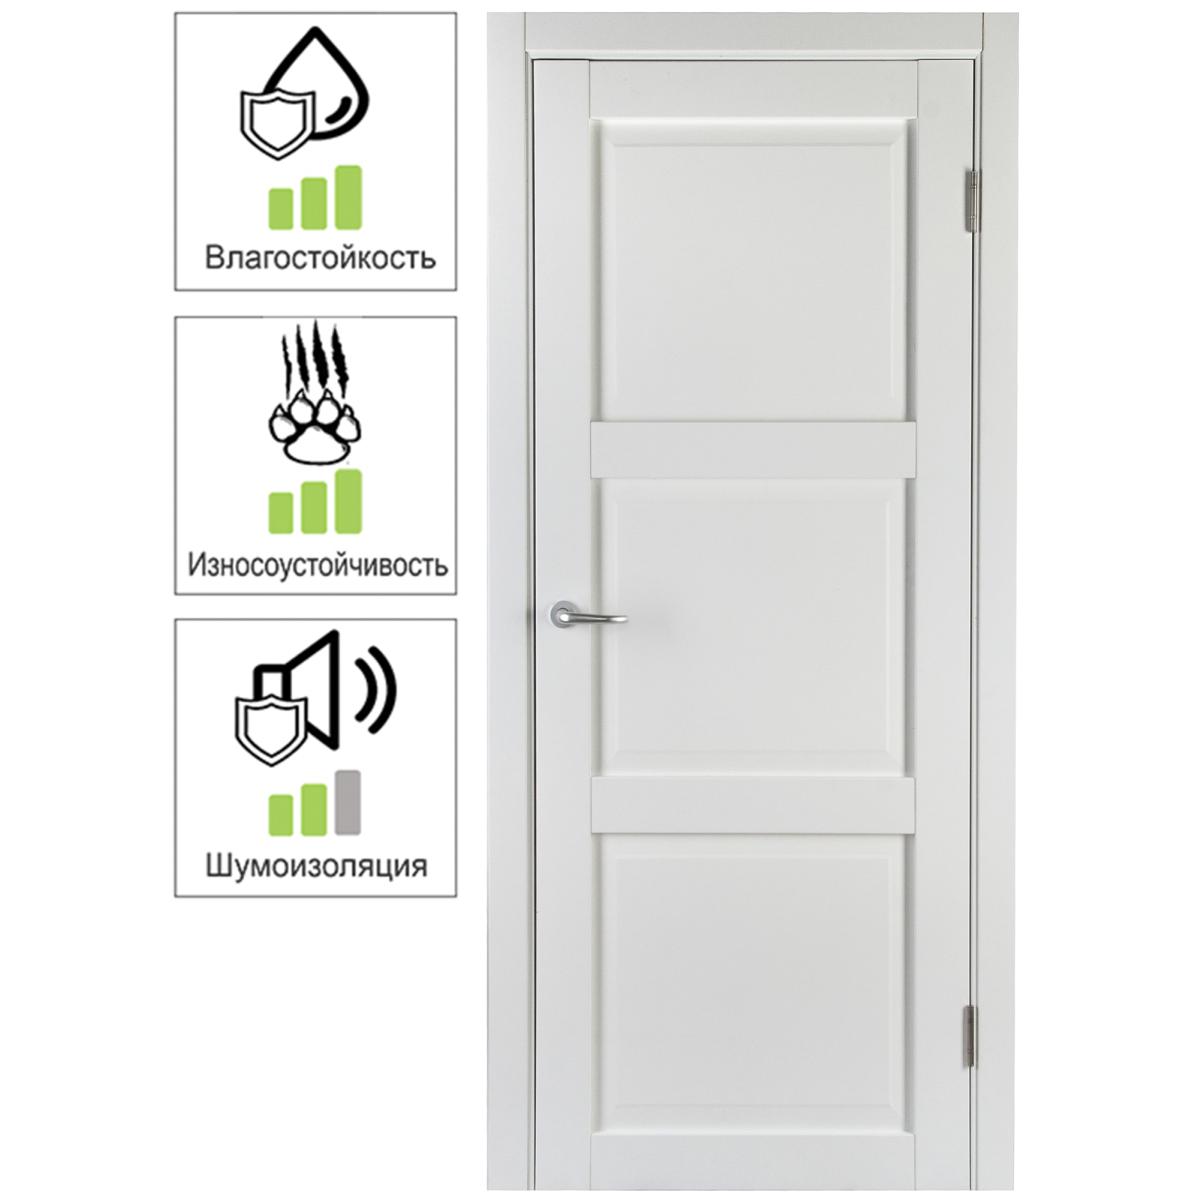 Дверь межкомнатная с фурнитурой Адажио 70х200 см Hardflex цвет белый